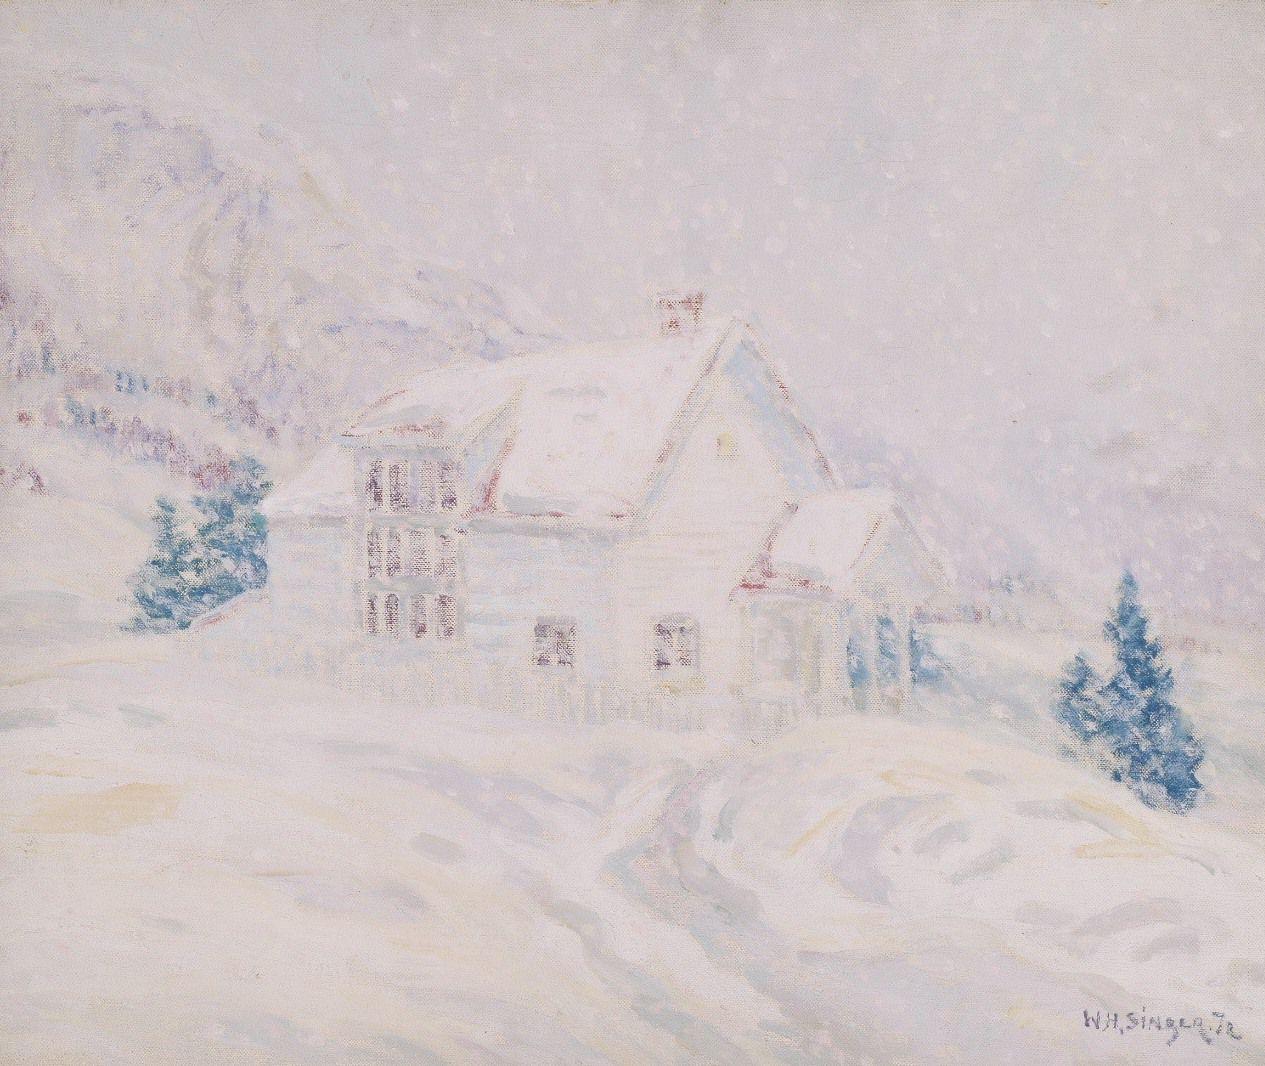 W.H. Singer jr. Atelier in de sneeuw, ongedateerd